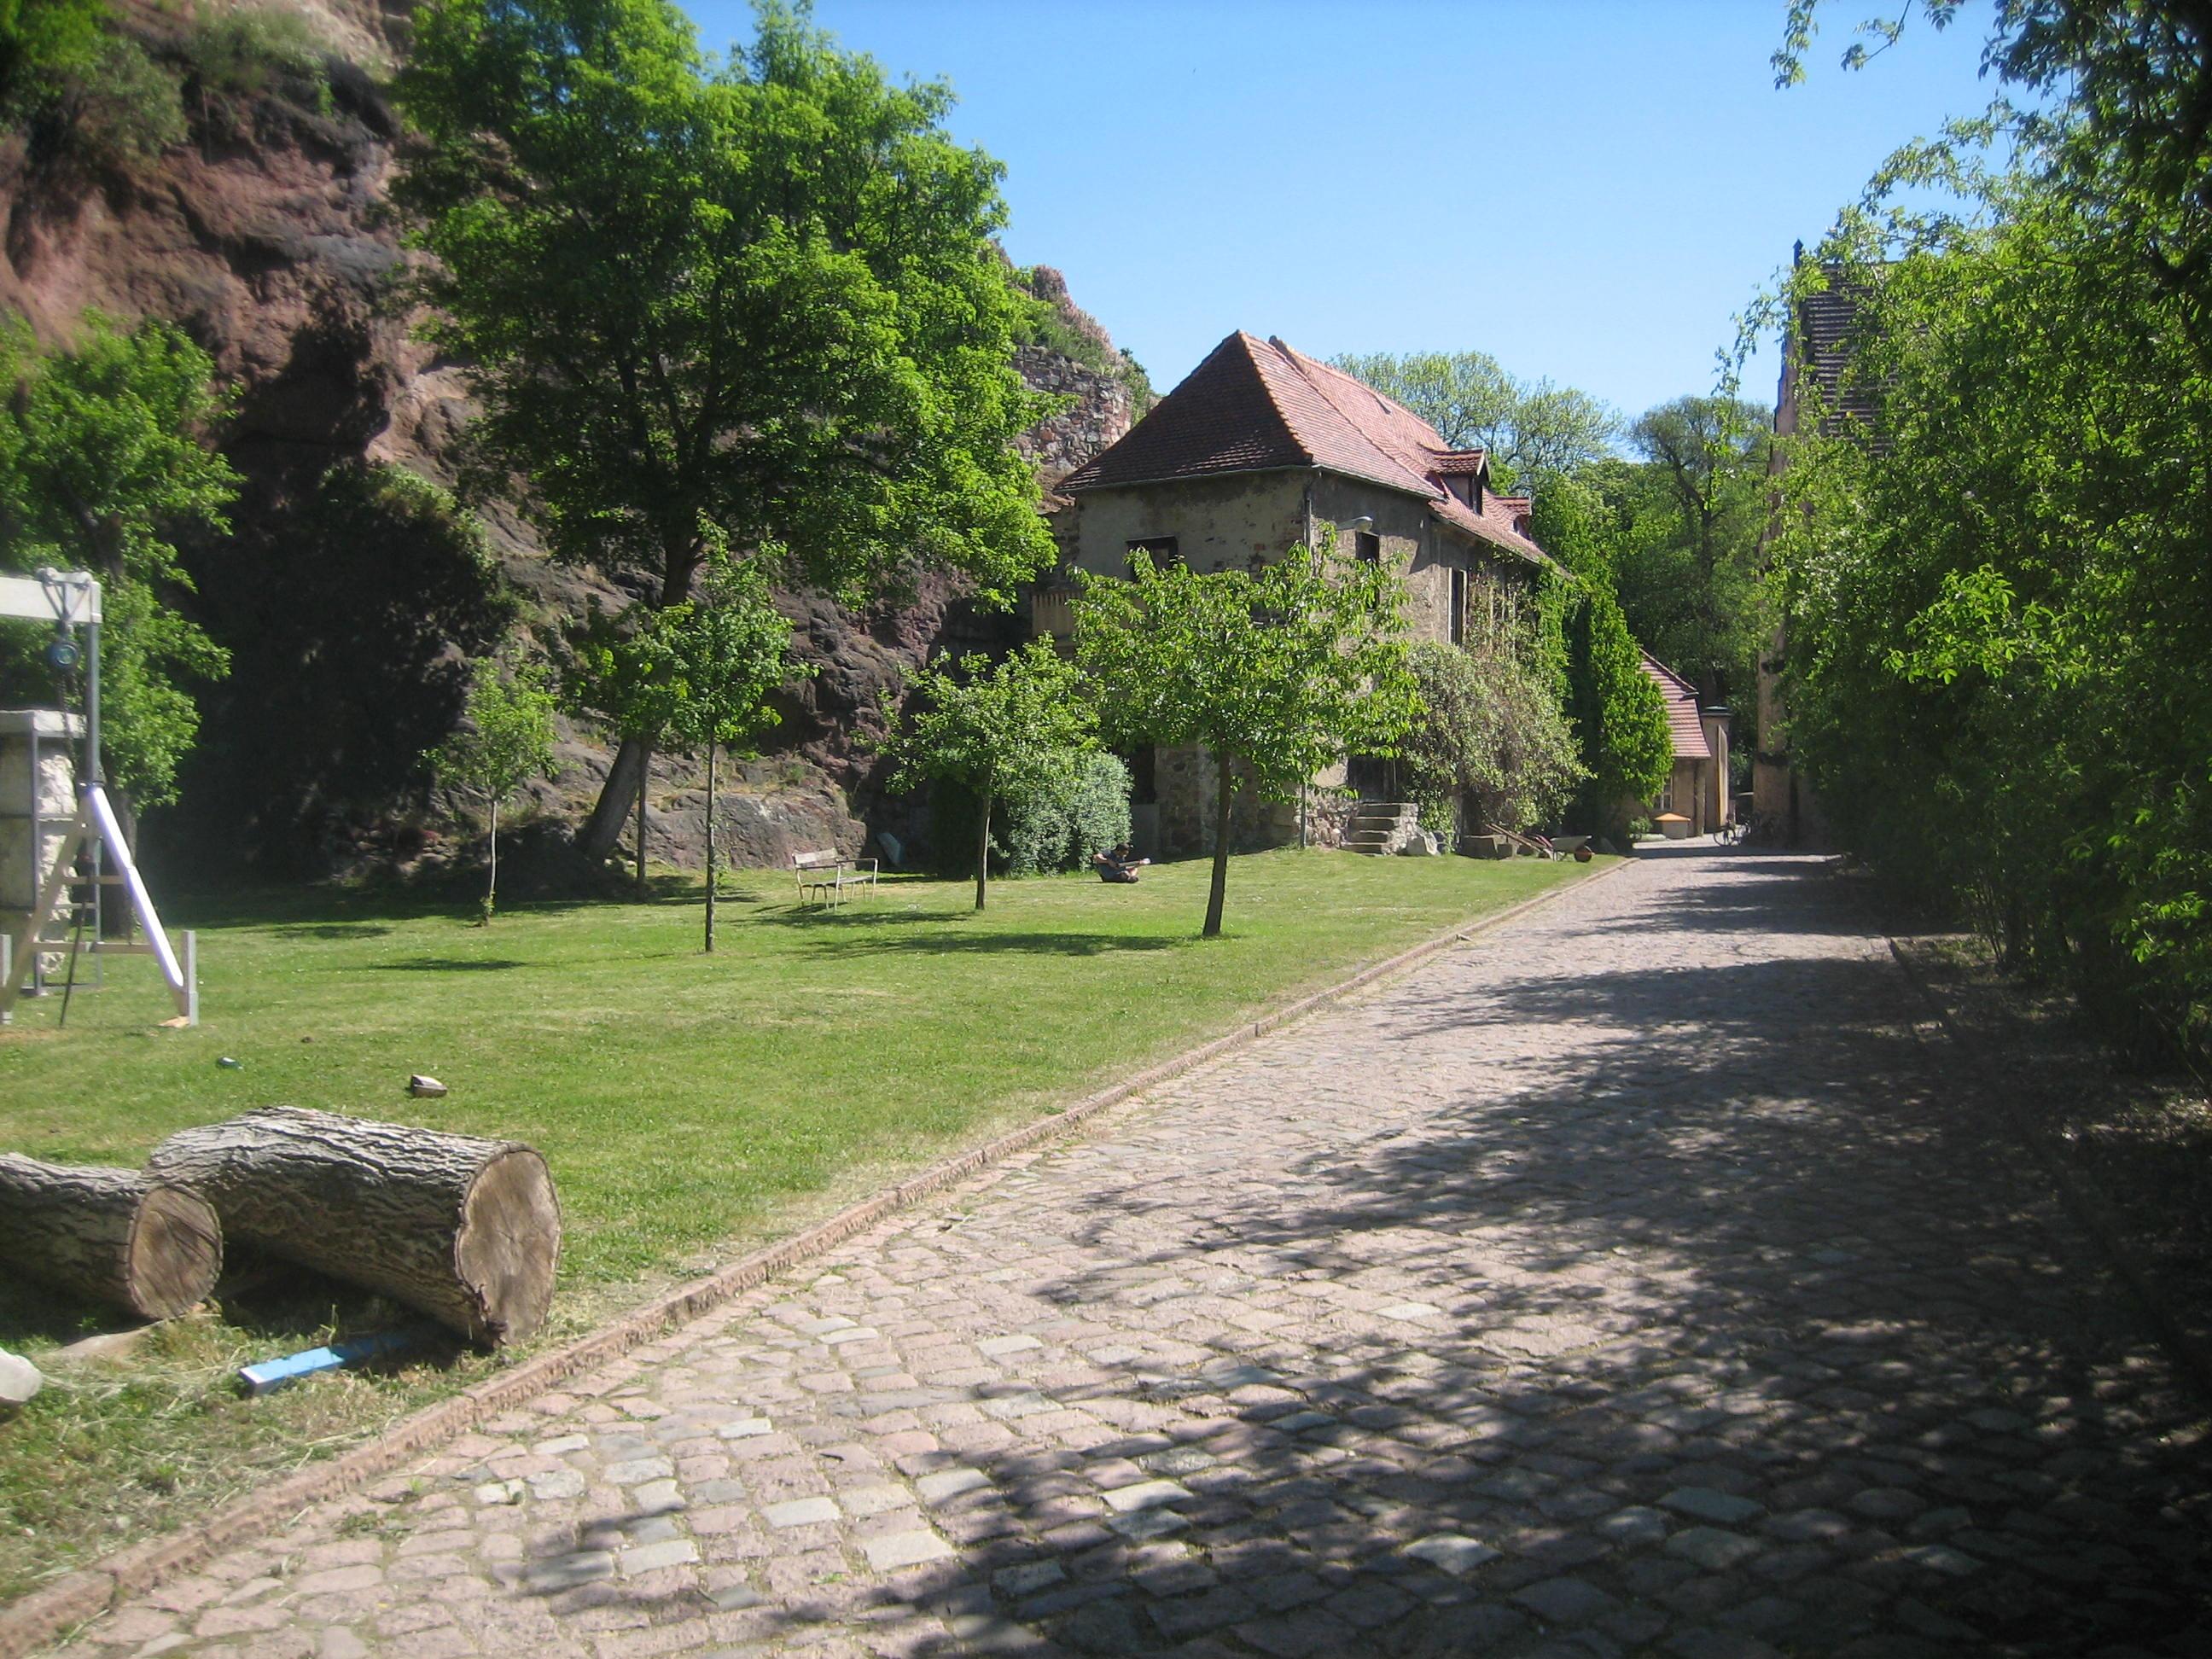 Burg Giebichenstein, mei 2018. Foto Esther Doornbusch, CC BY 4.0